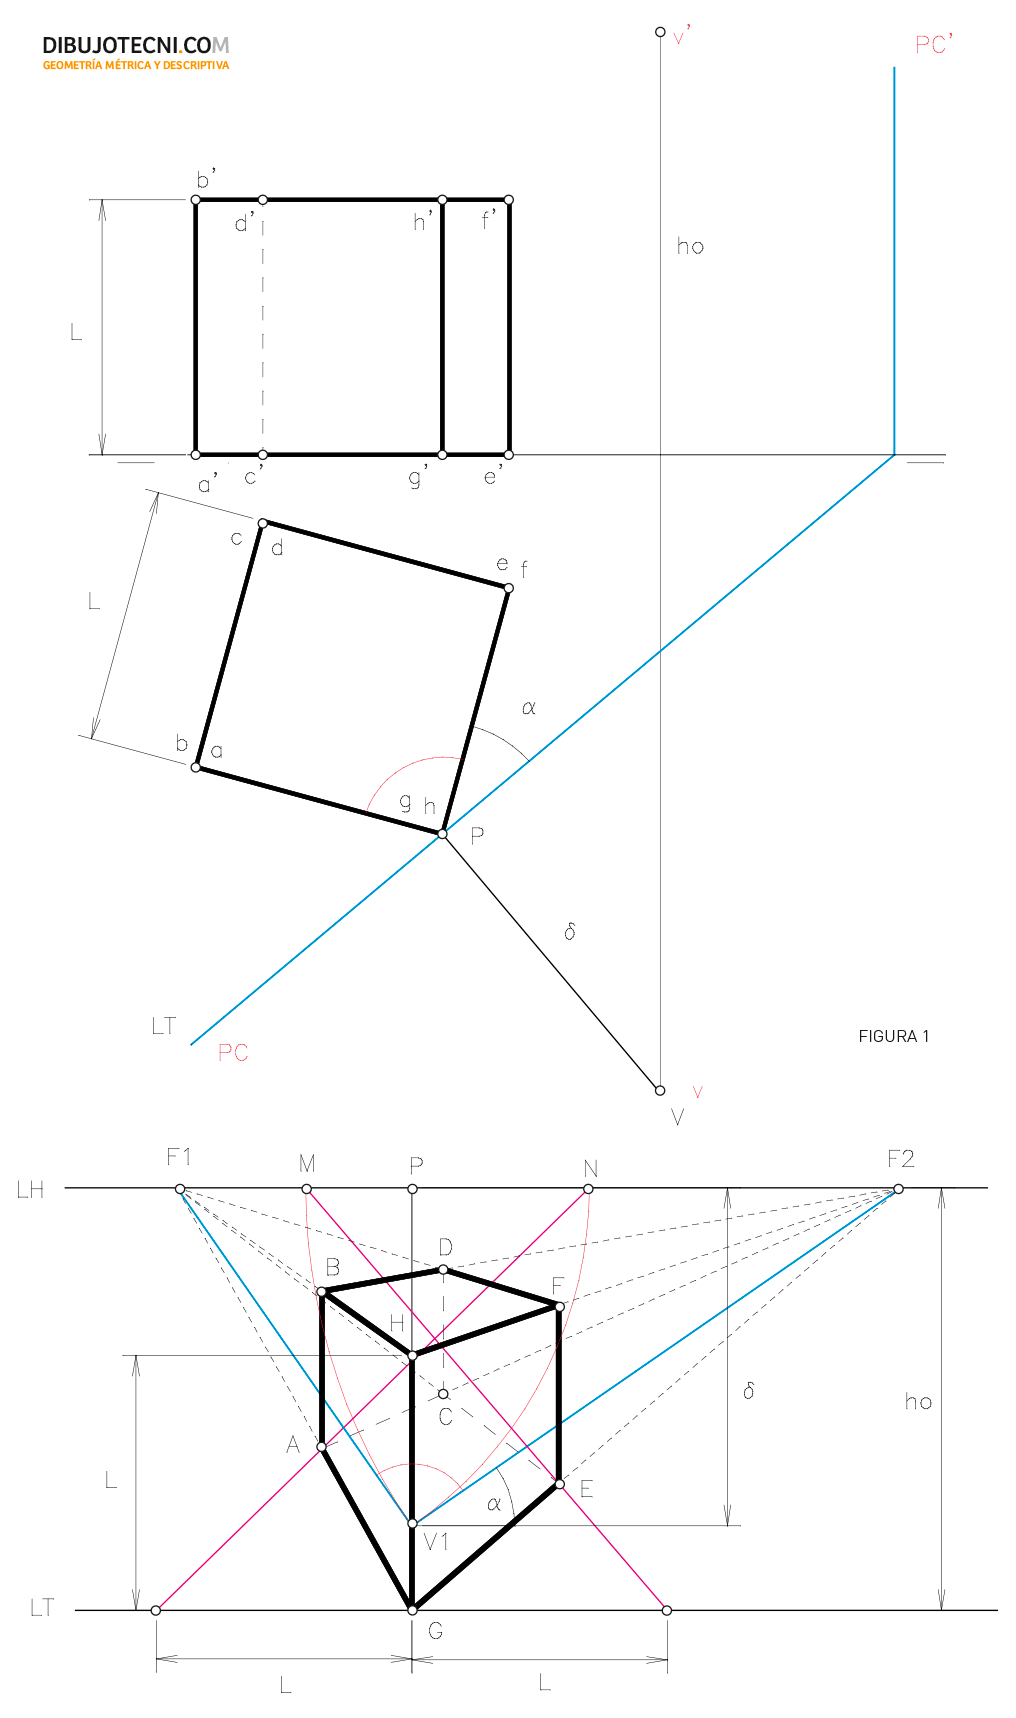 Perspectiva cónica. Método de las distancias métricas.